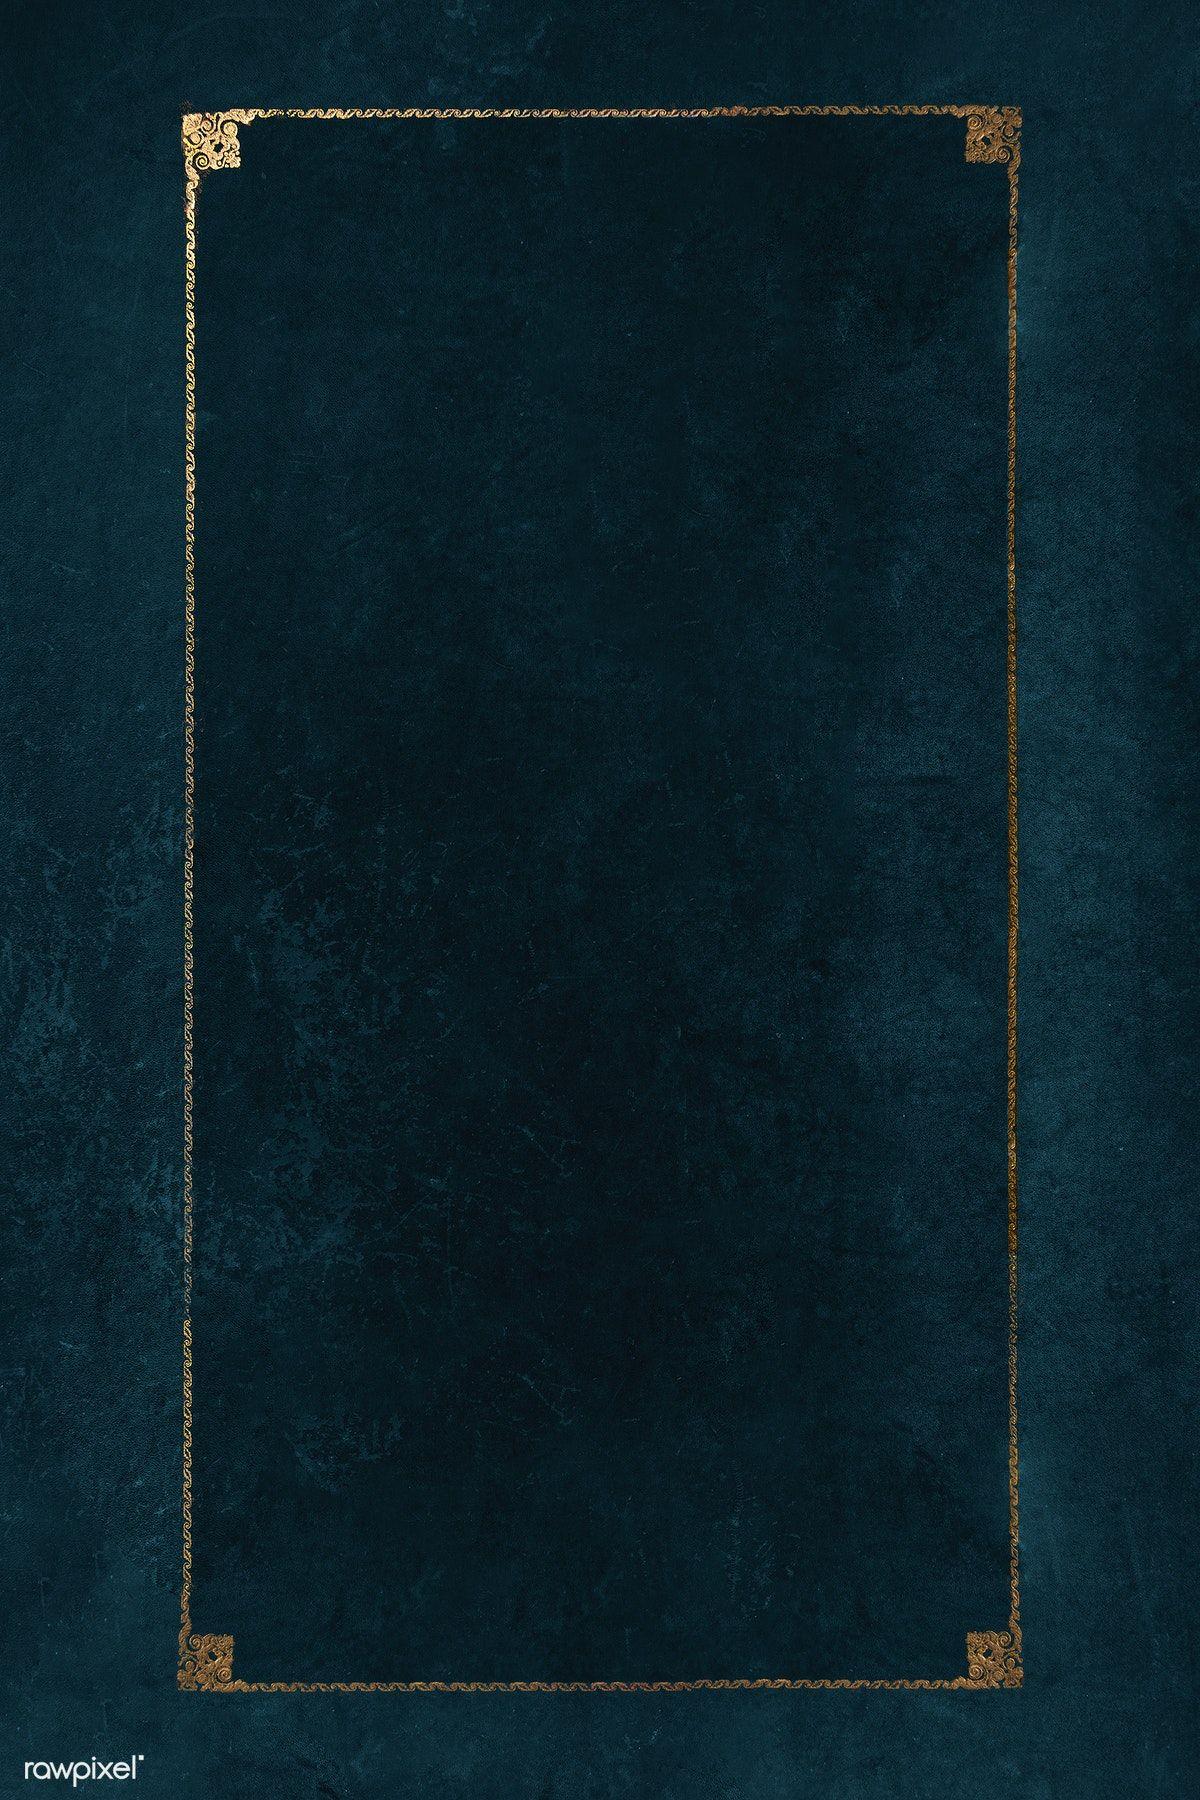 Download premium psd of Blank golden frame mockup design